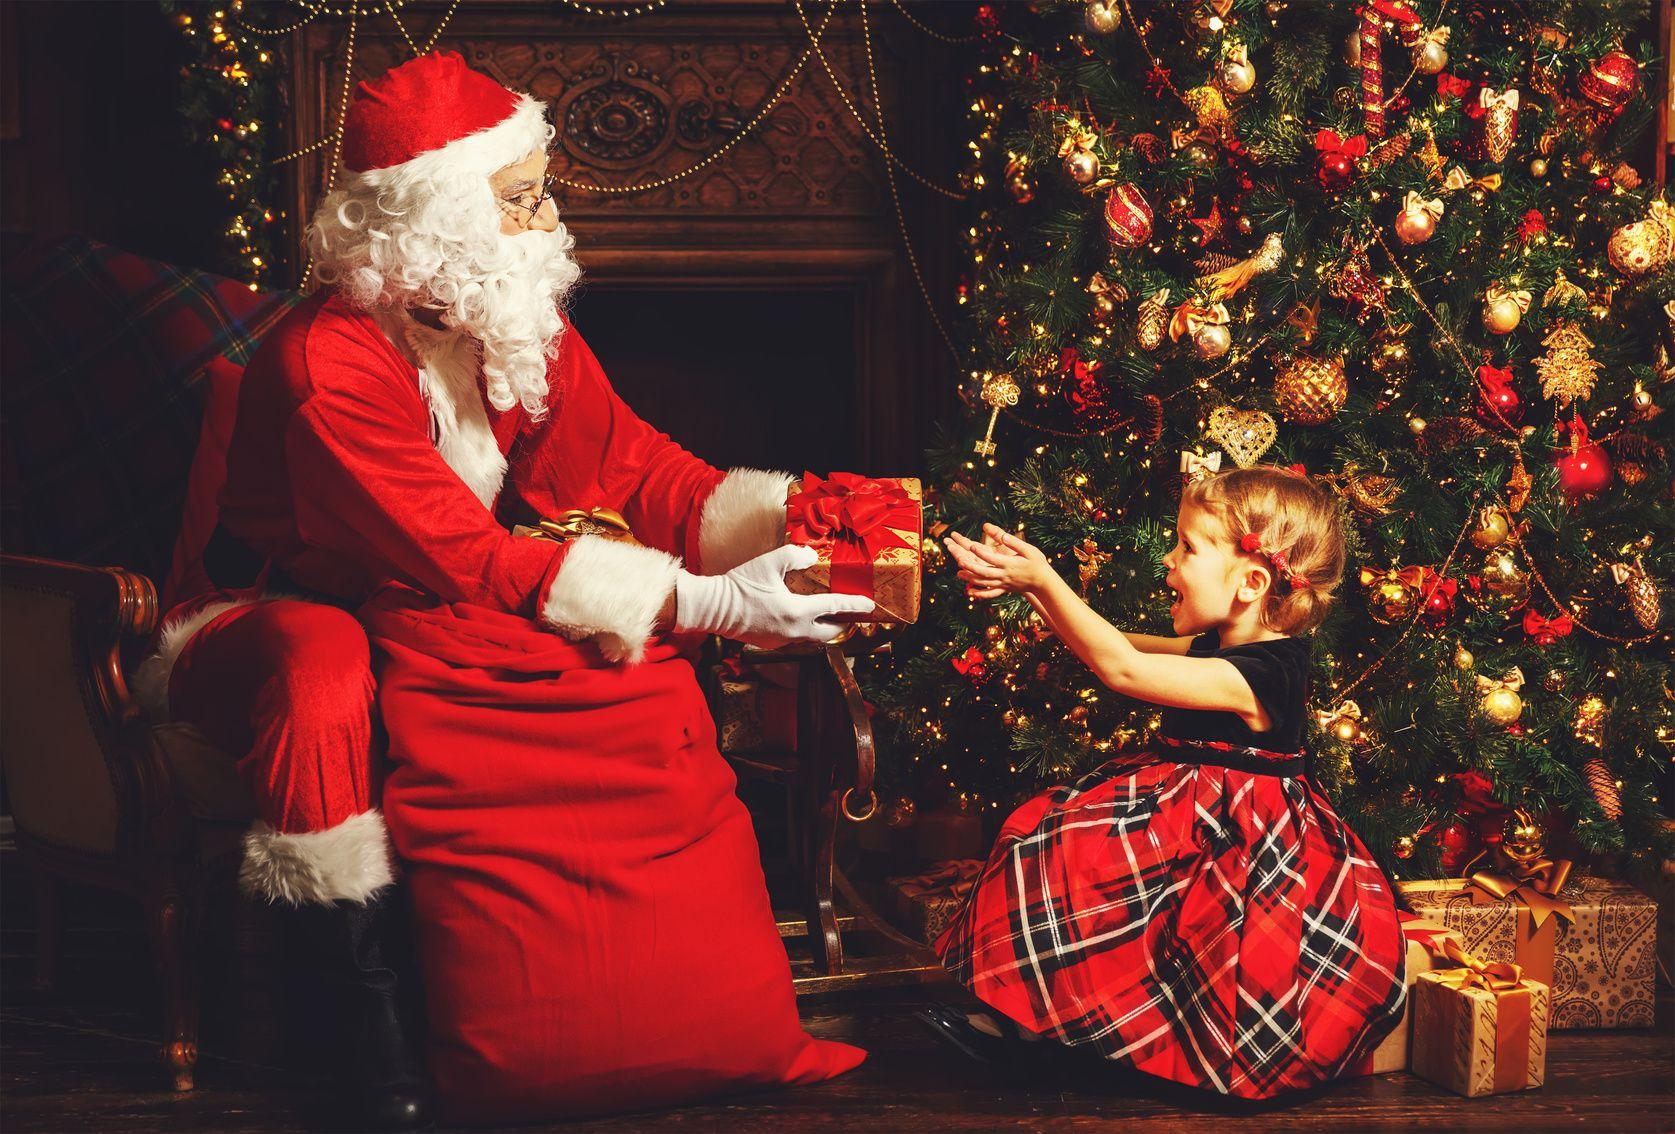 Tutkijat:+Vanhempien+ei+pitäisi+uskotella,+että+joulupukki+on+olemassa